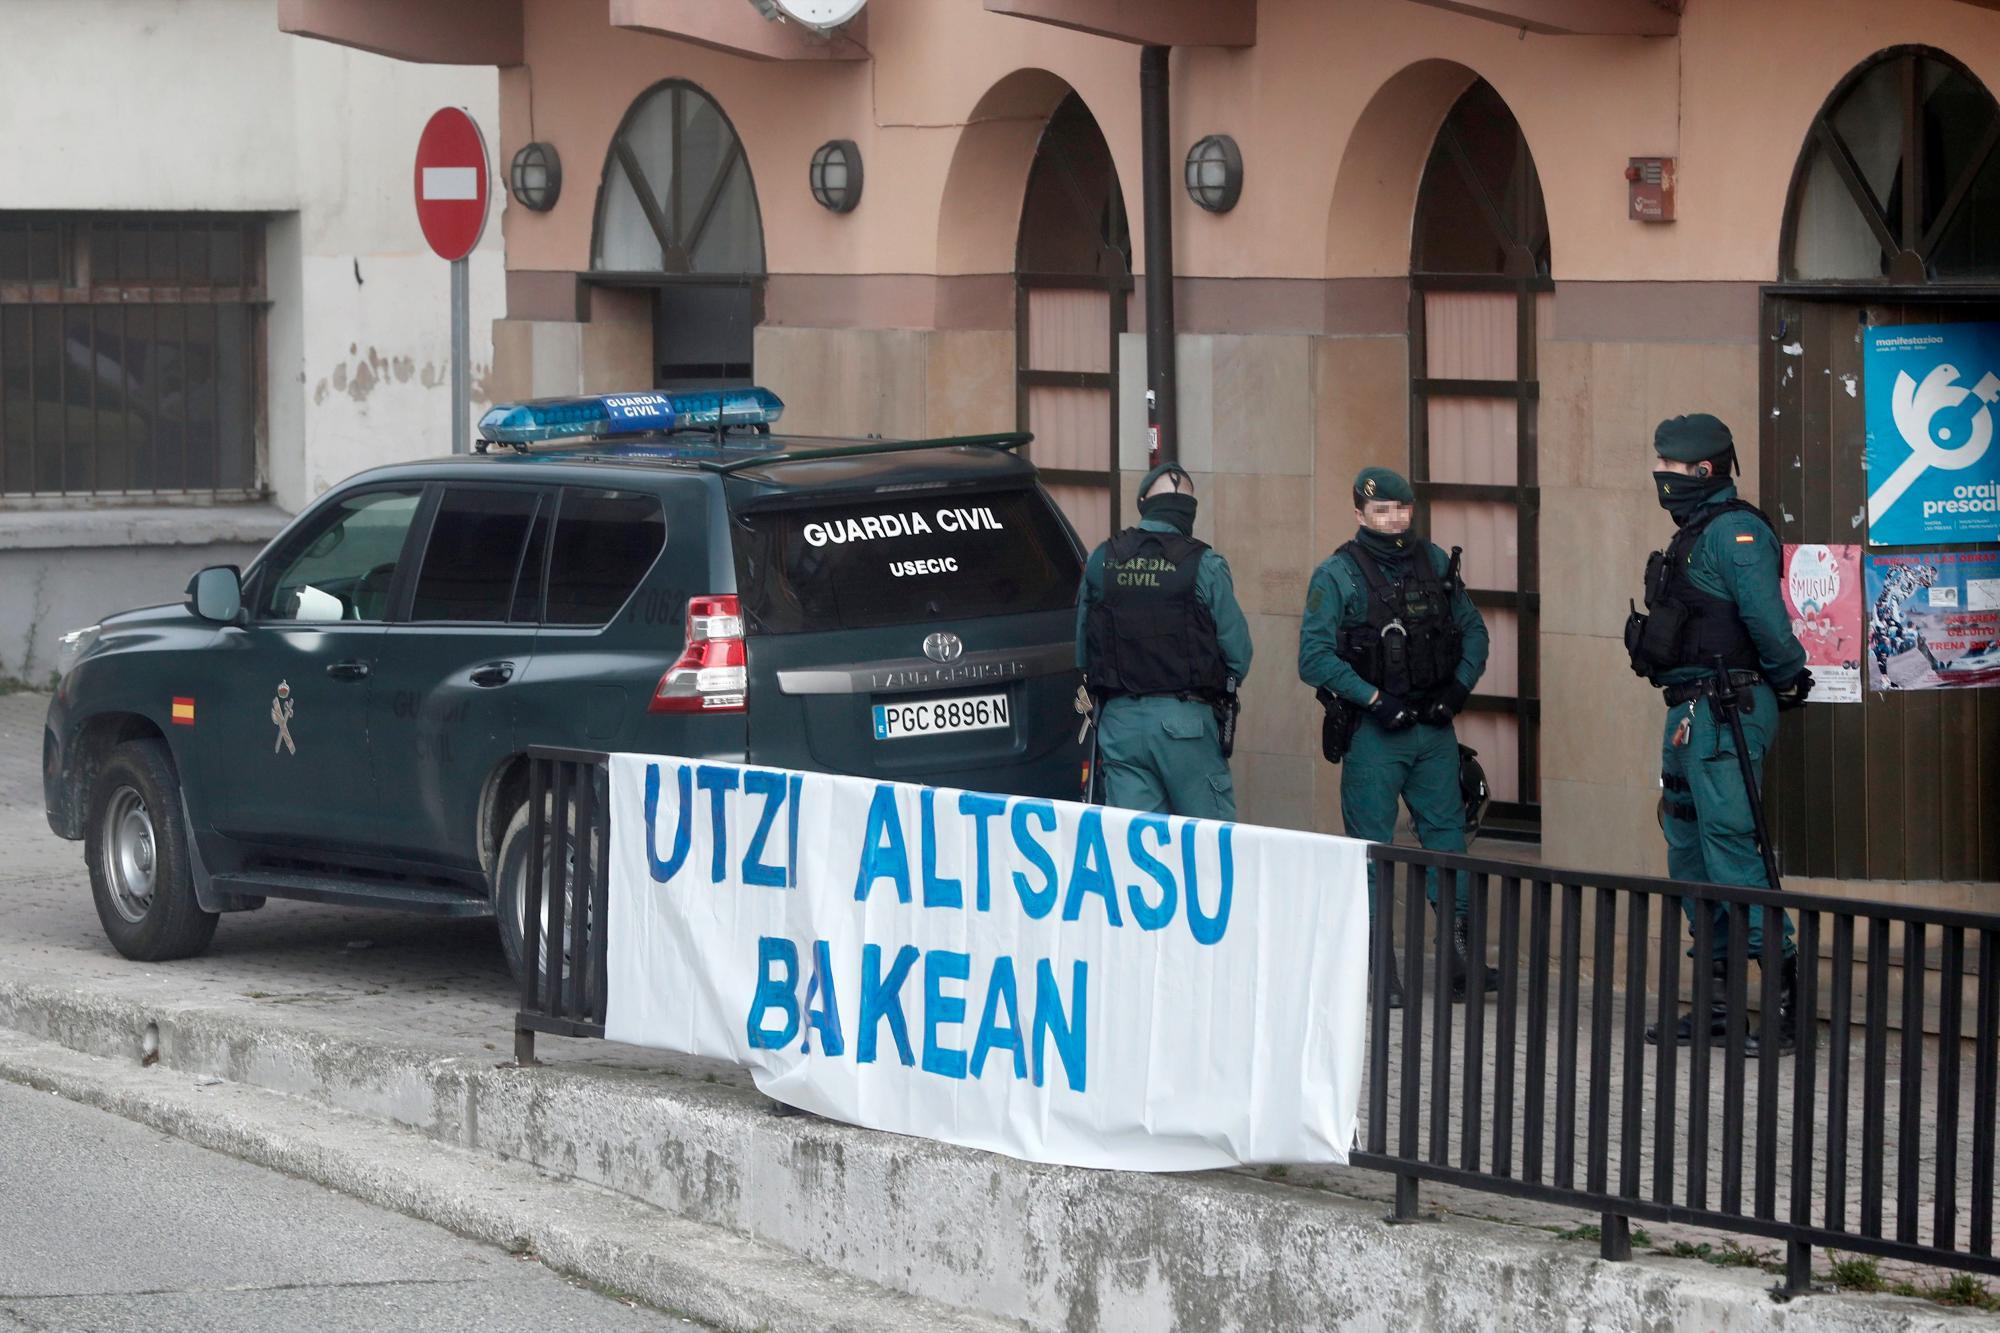 La Guardia Civil en la localidad navarra de Alsasua